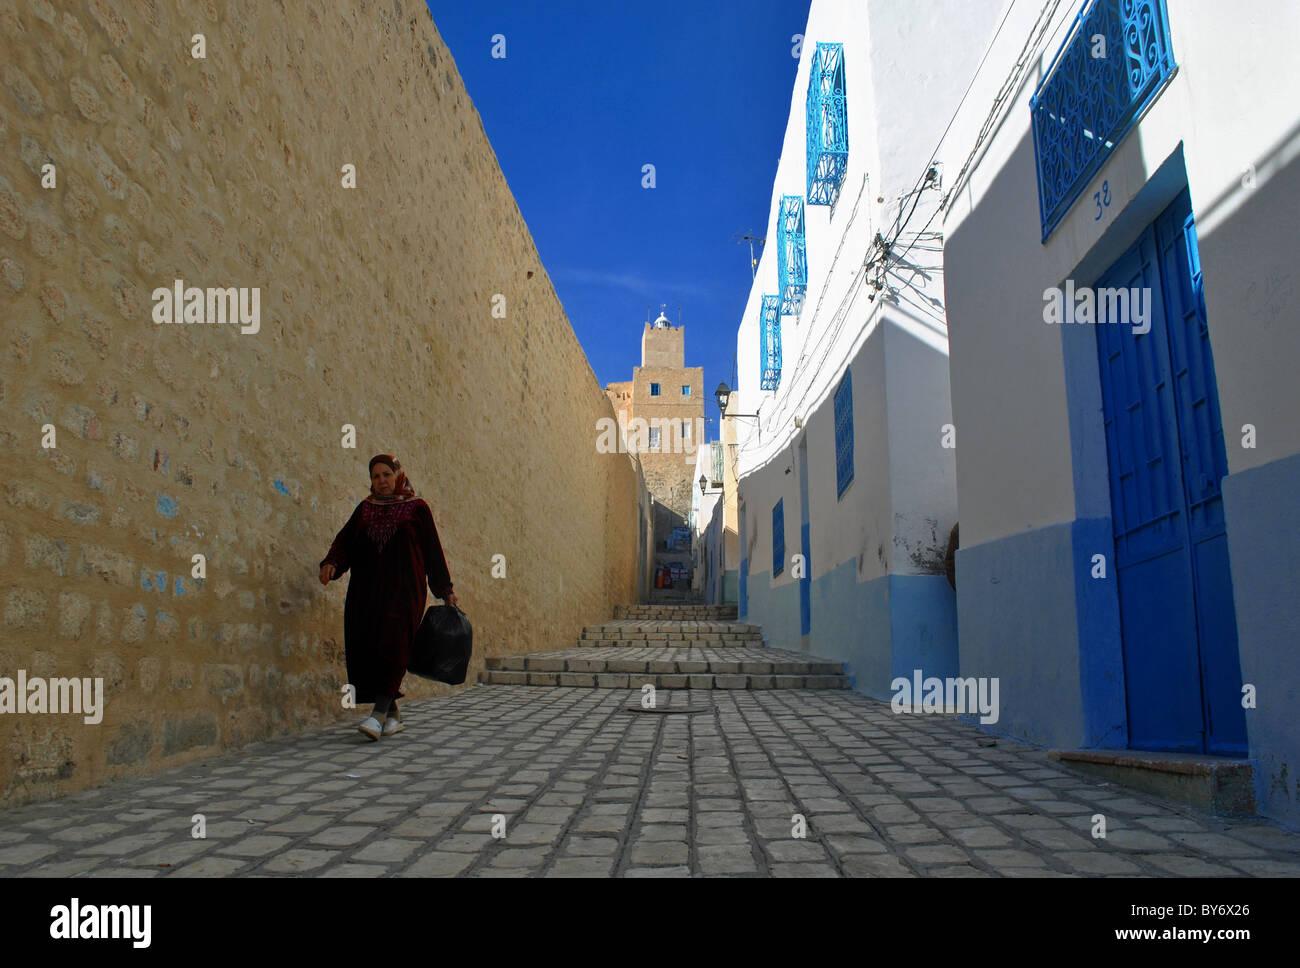 Mujer caminando por las calles de la medina de Sousse, Túnez Imagen De Stock